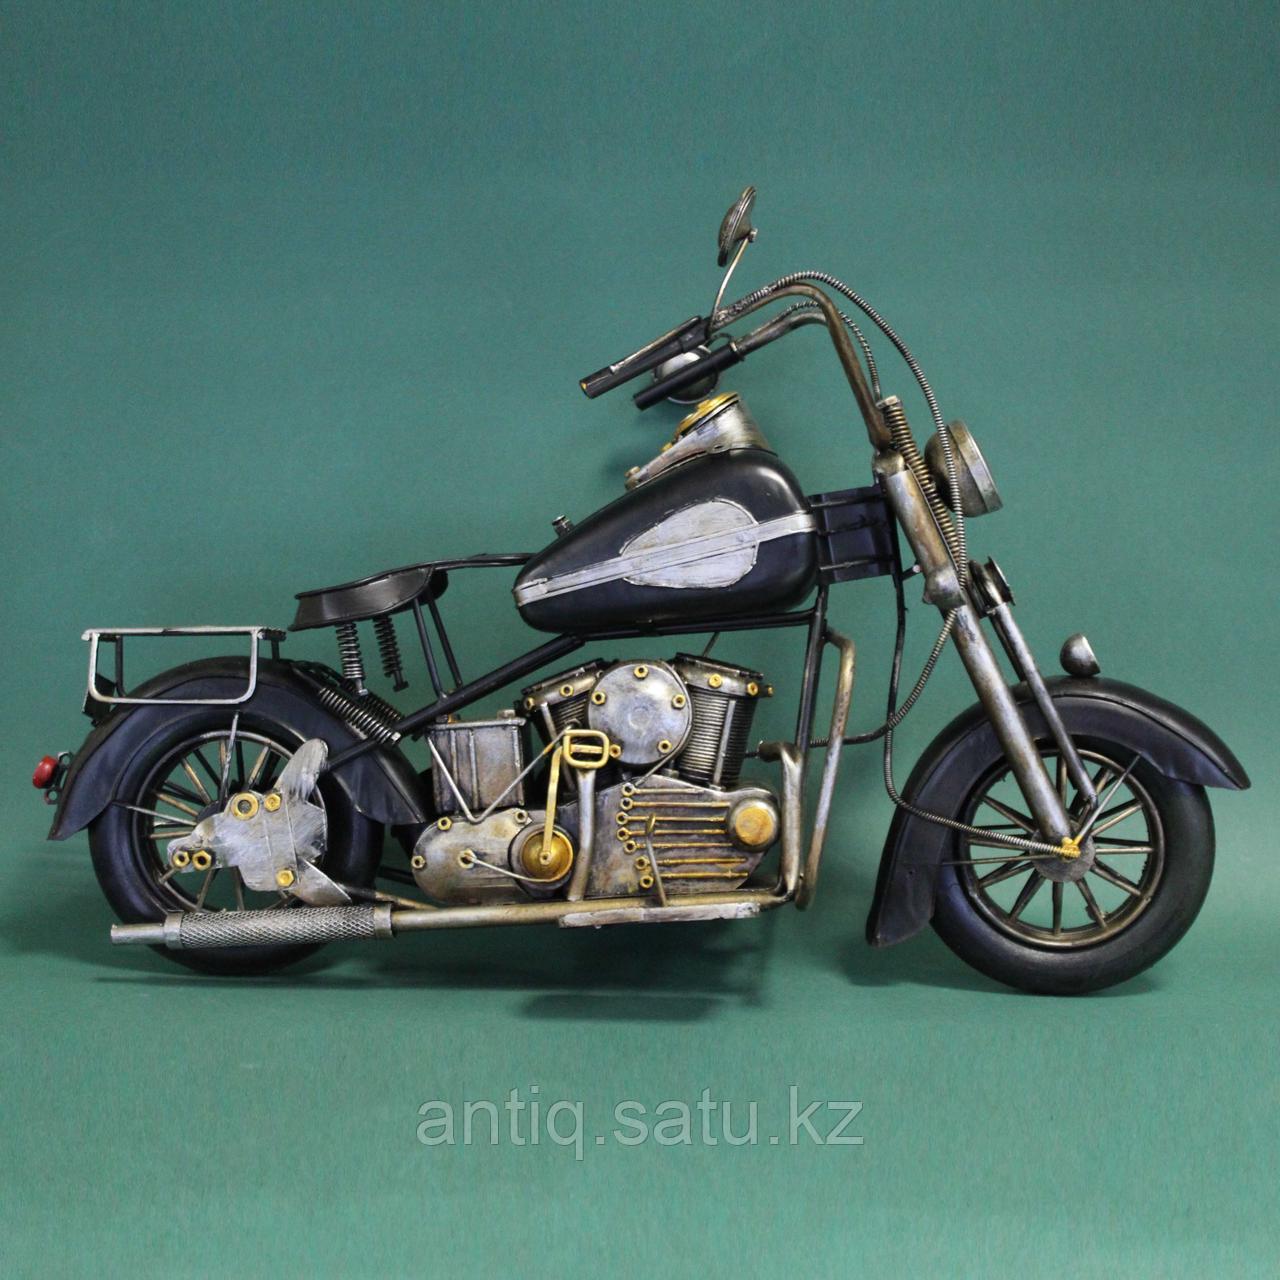 Античная классическая модель мотоцикла Ретро. Металл - фото 1